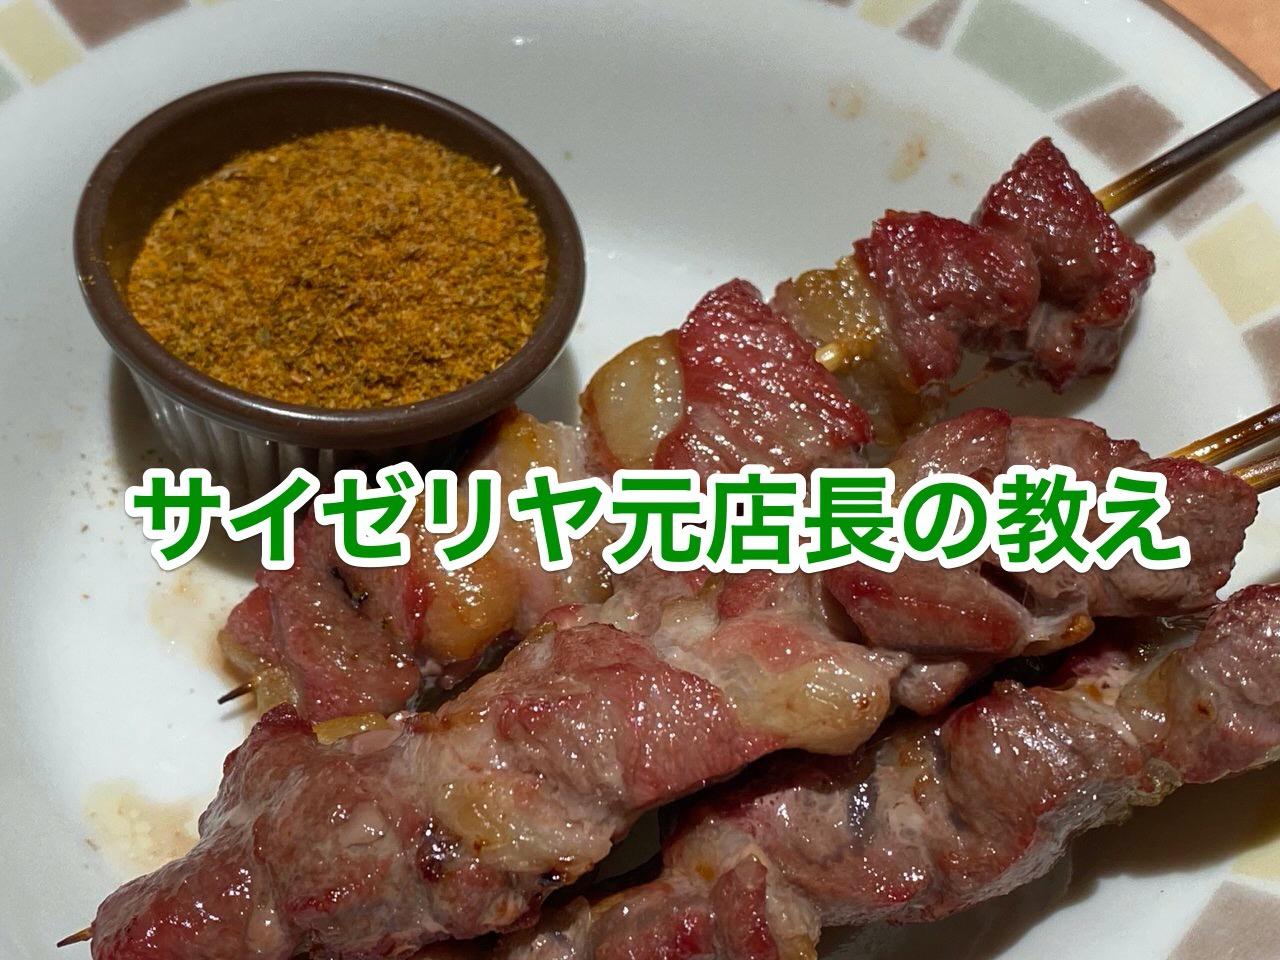 サイゼリヤ赤坂駅前店の元店長直伝!ラム串を食べて残ったスパイスを活用するおすすめの食べ方